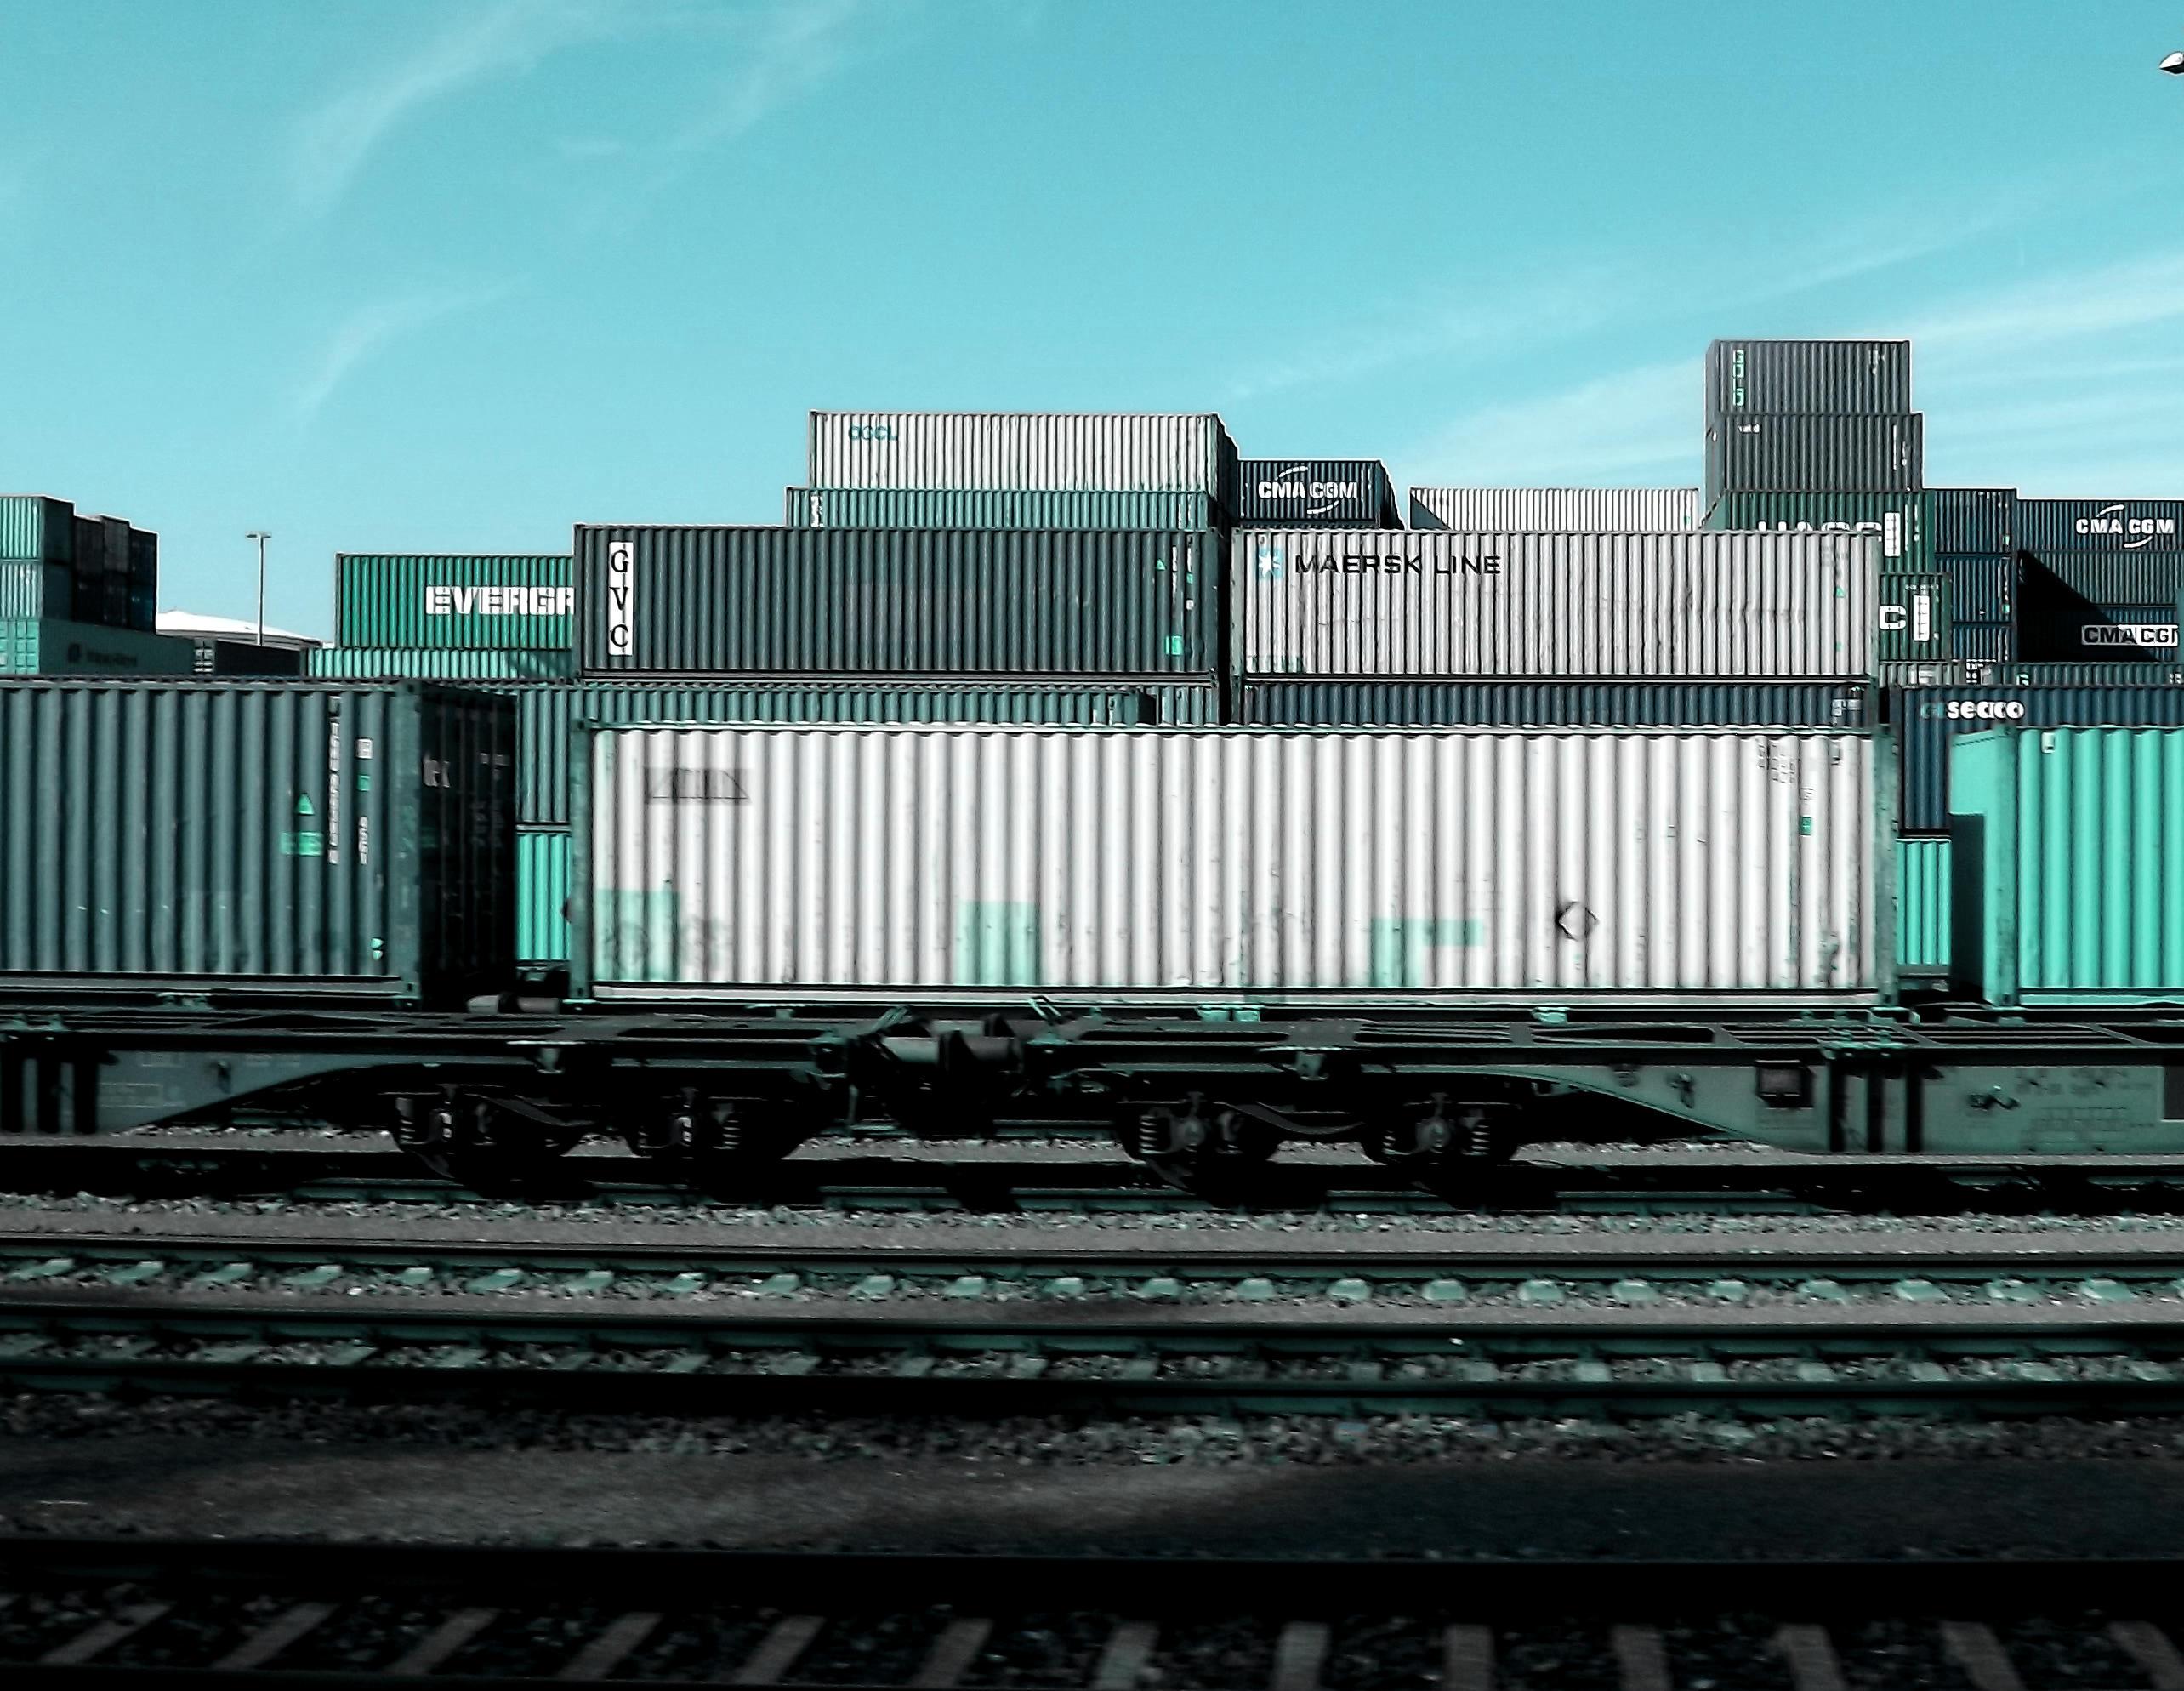 Fantastisch Zug Farbseite Bilder - Malvorlagen Von Tieren - ngadi.info